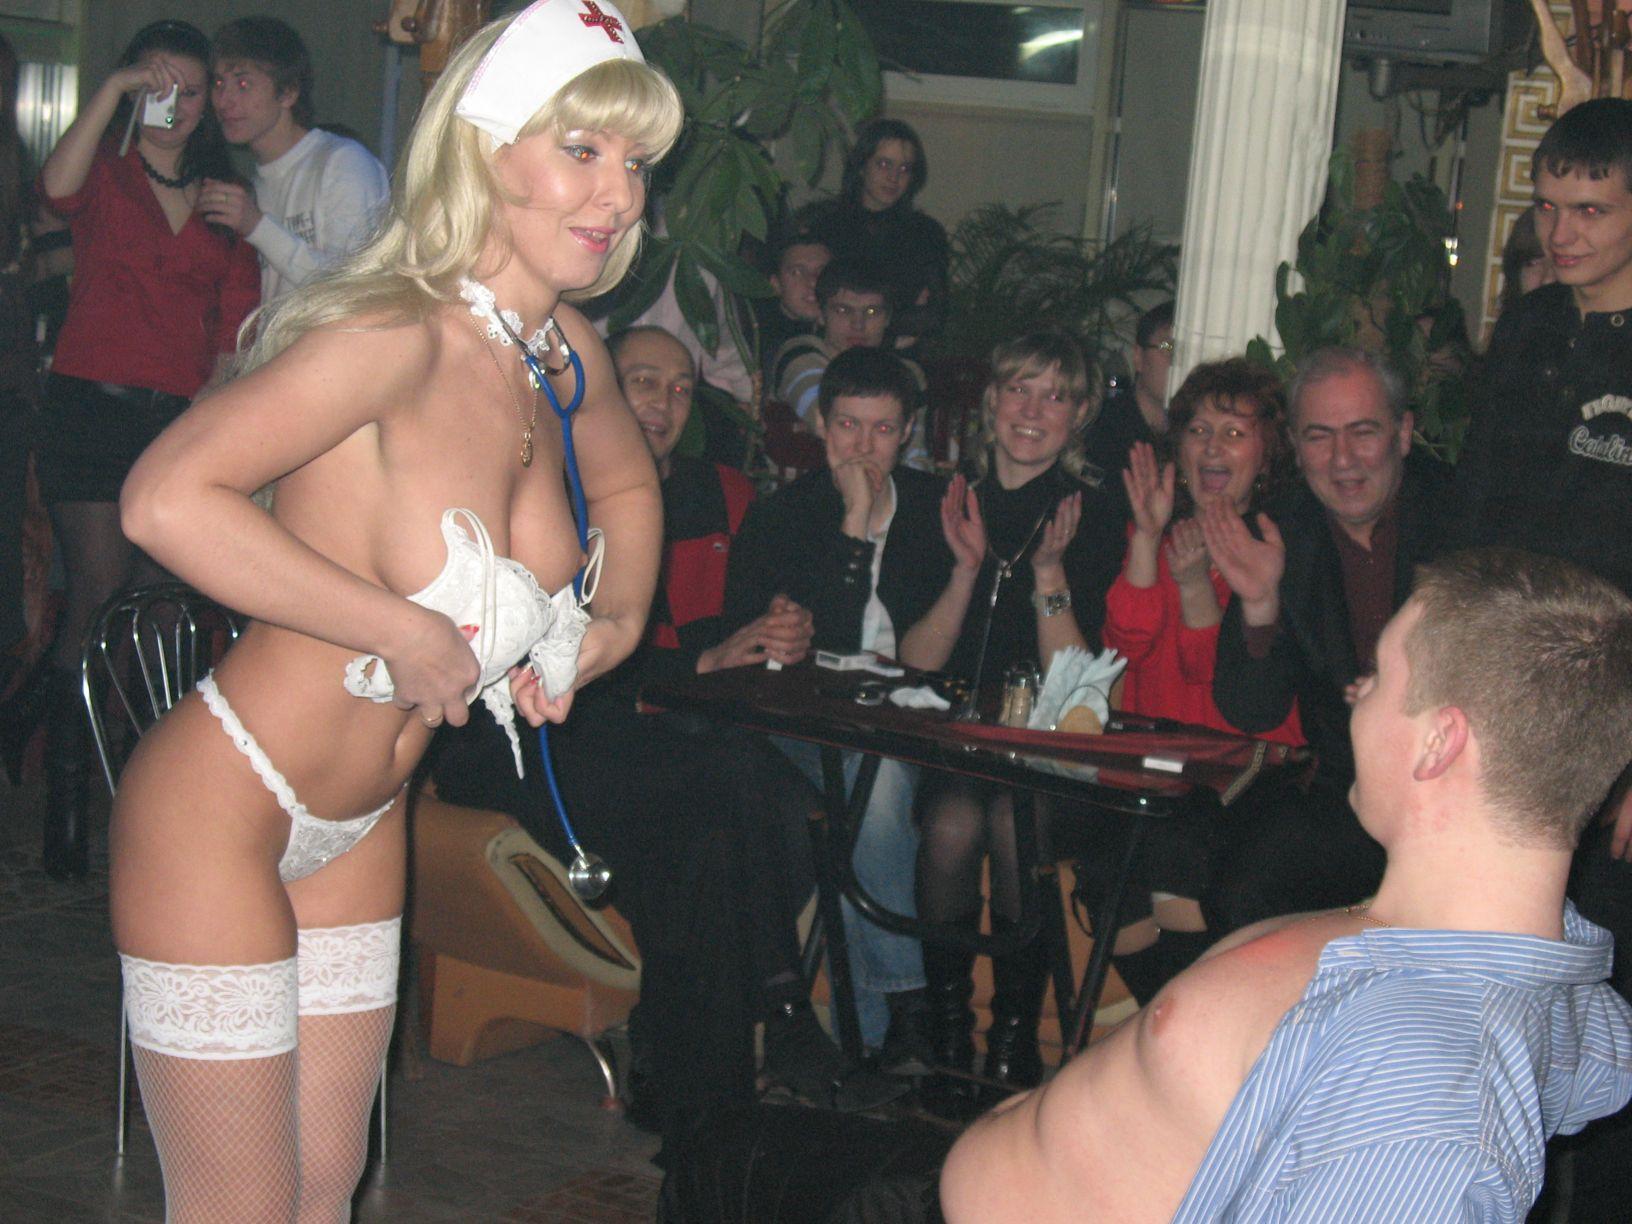 Развлечения на яндекседлявзрослых онлайн, Сексуальные развлечения взрослых 13 фотография